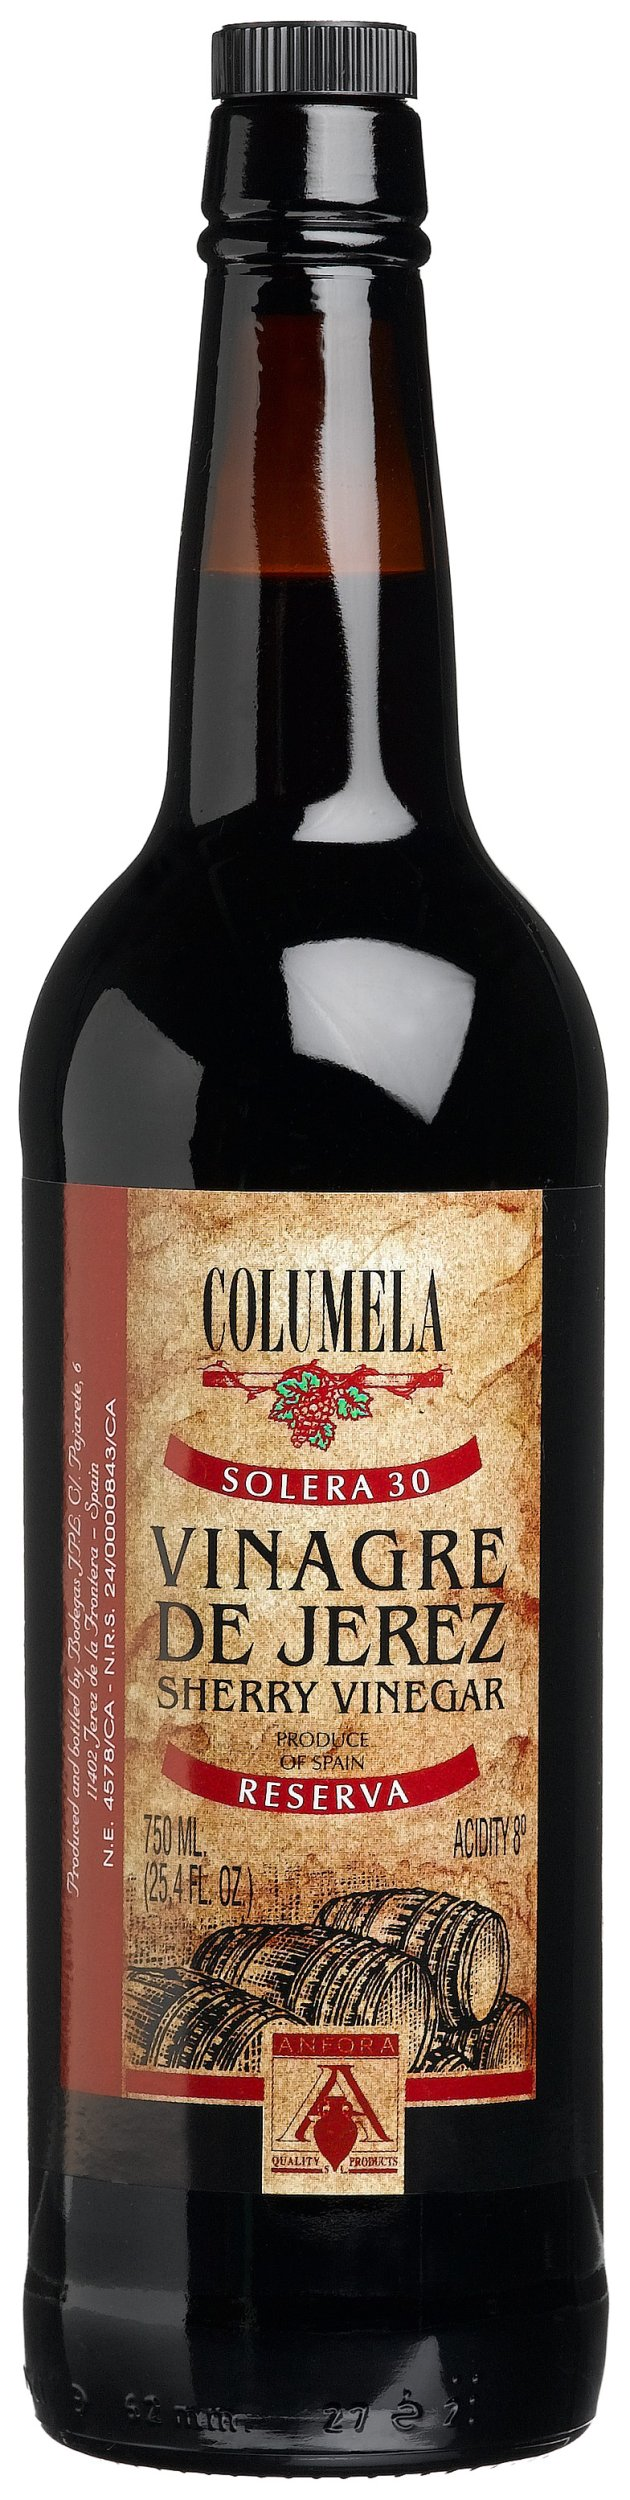 Columela Vinagre de Jerez, Sherry Vinegar, 25.4-Ounce Glass Bottles (Pack of 2)